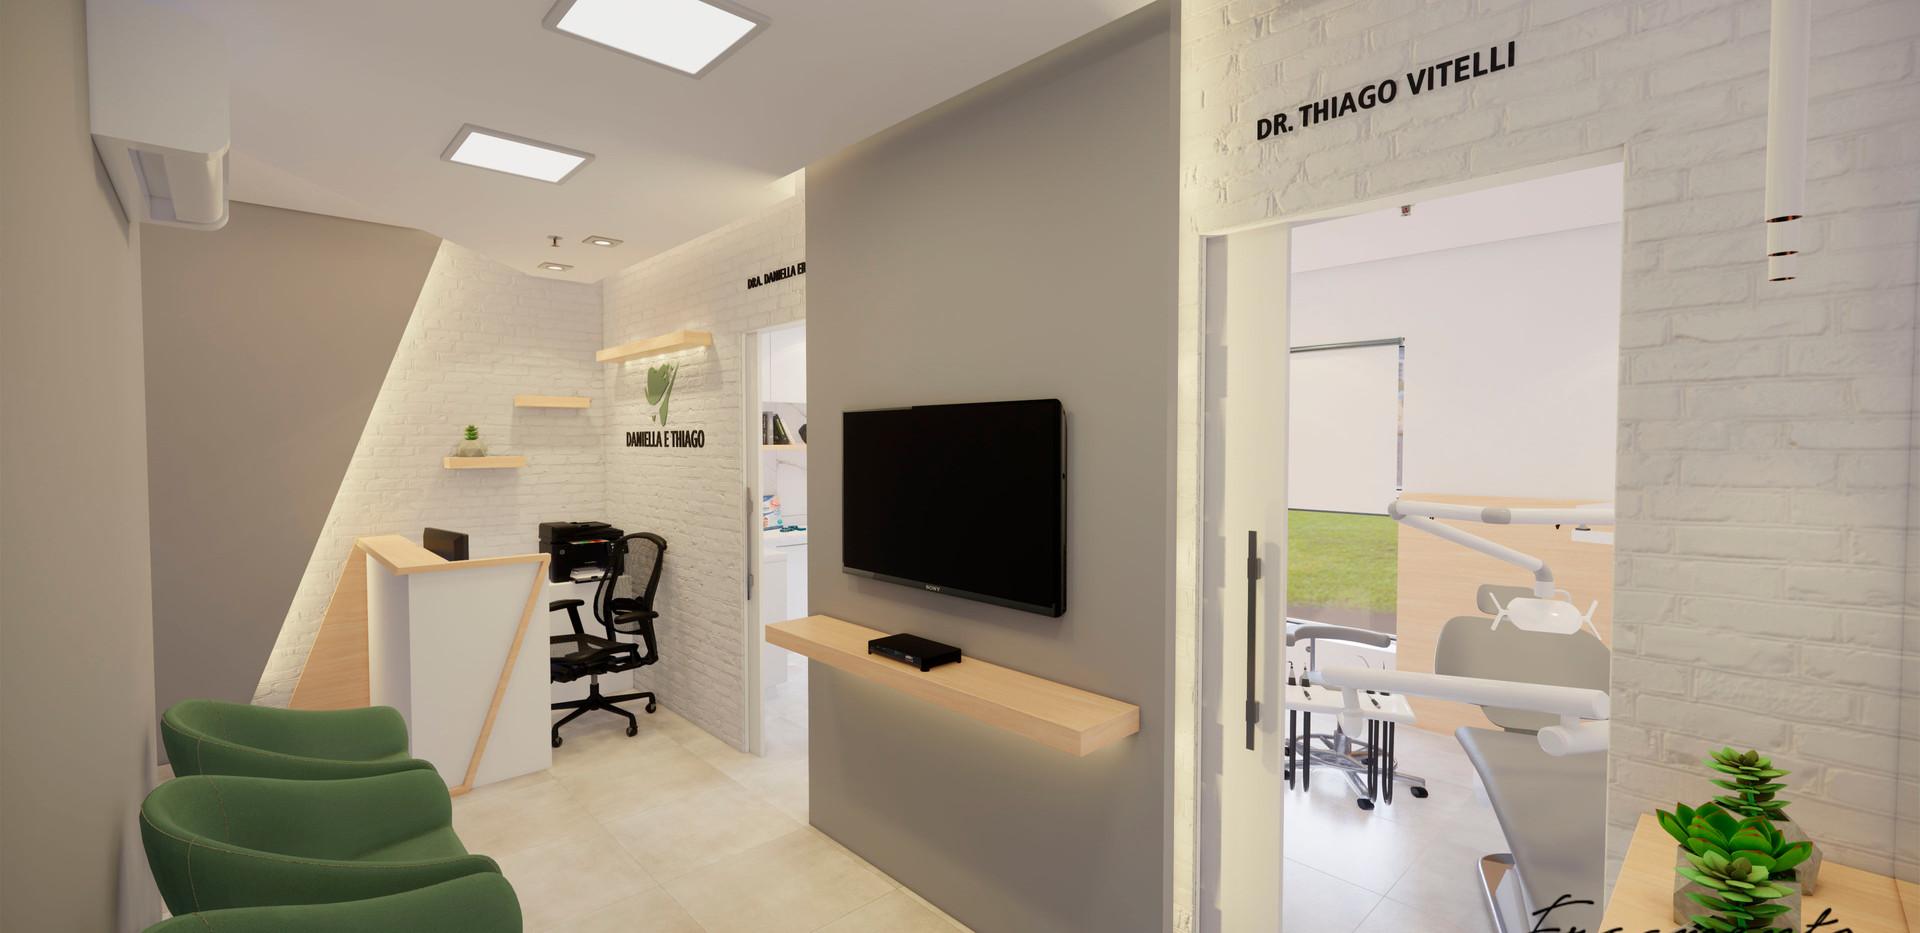 Vasco Odontologia - 4.jpg